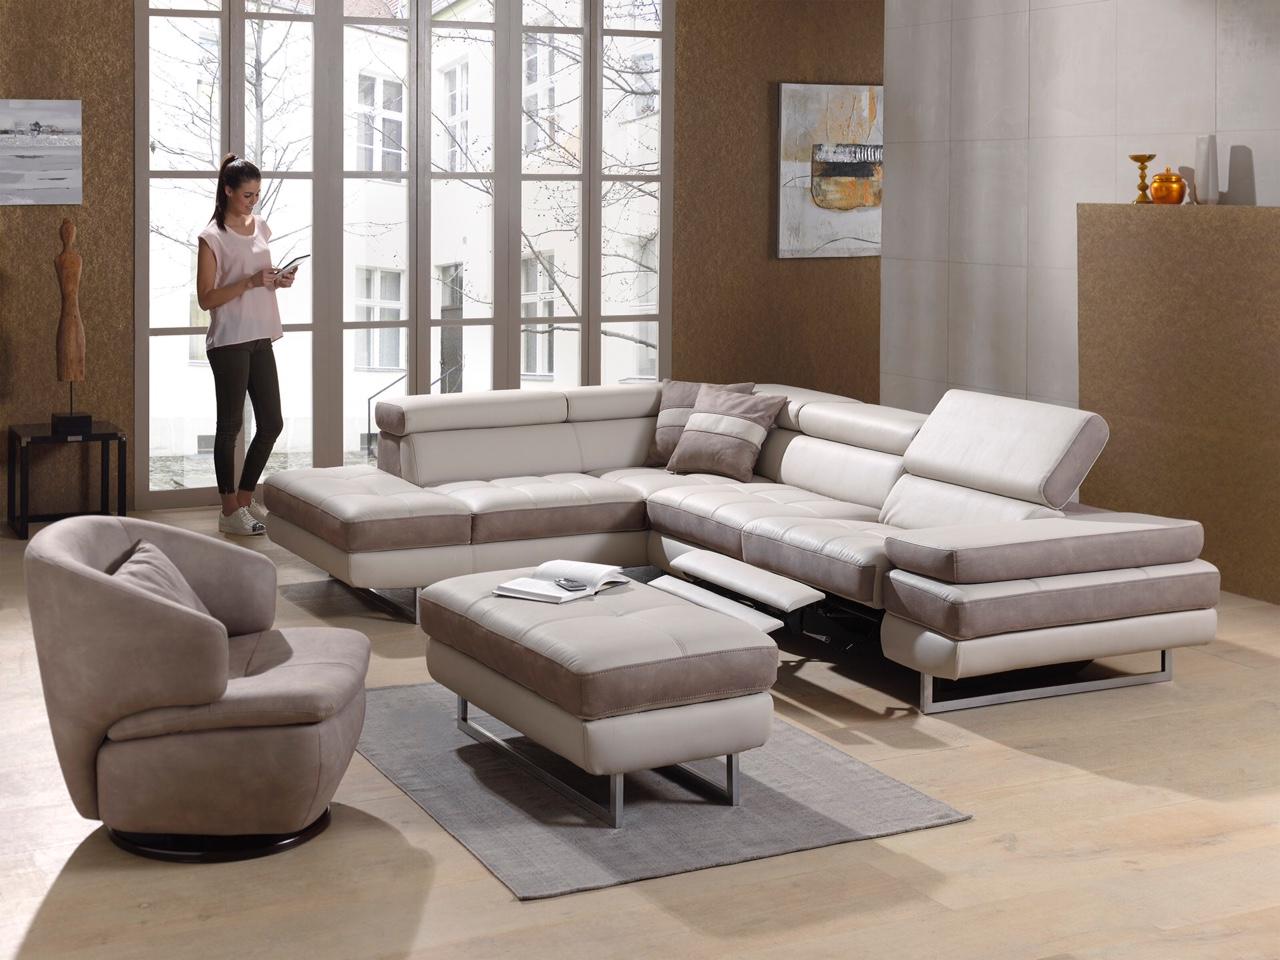 des moments de d tente uniques avec le canap spectrum. Black Bedroom Furniture Sets. Home Design Ideas